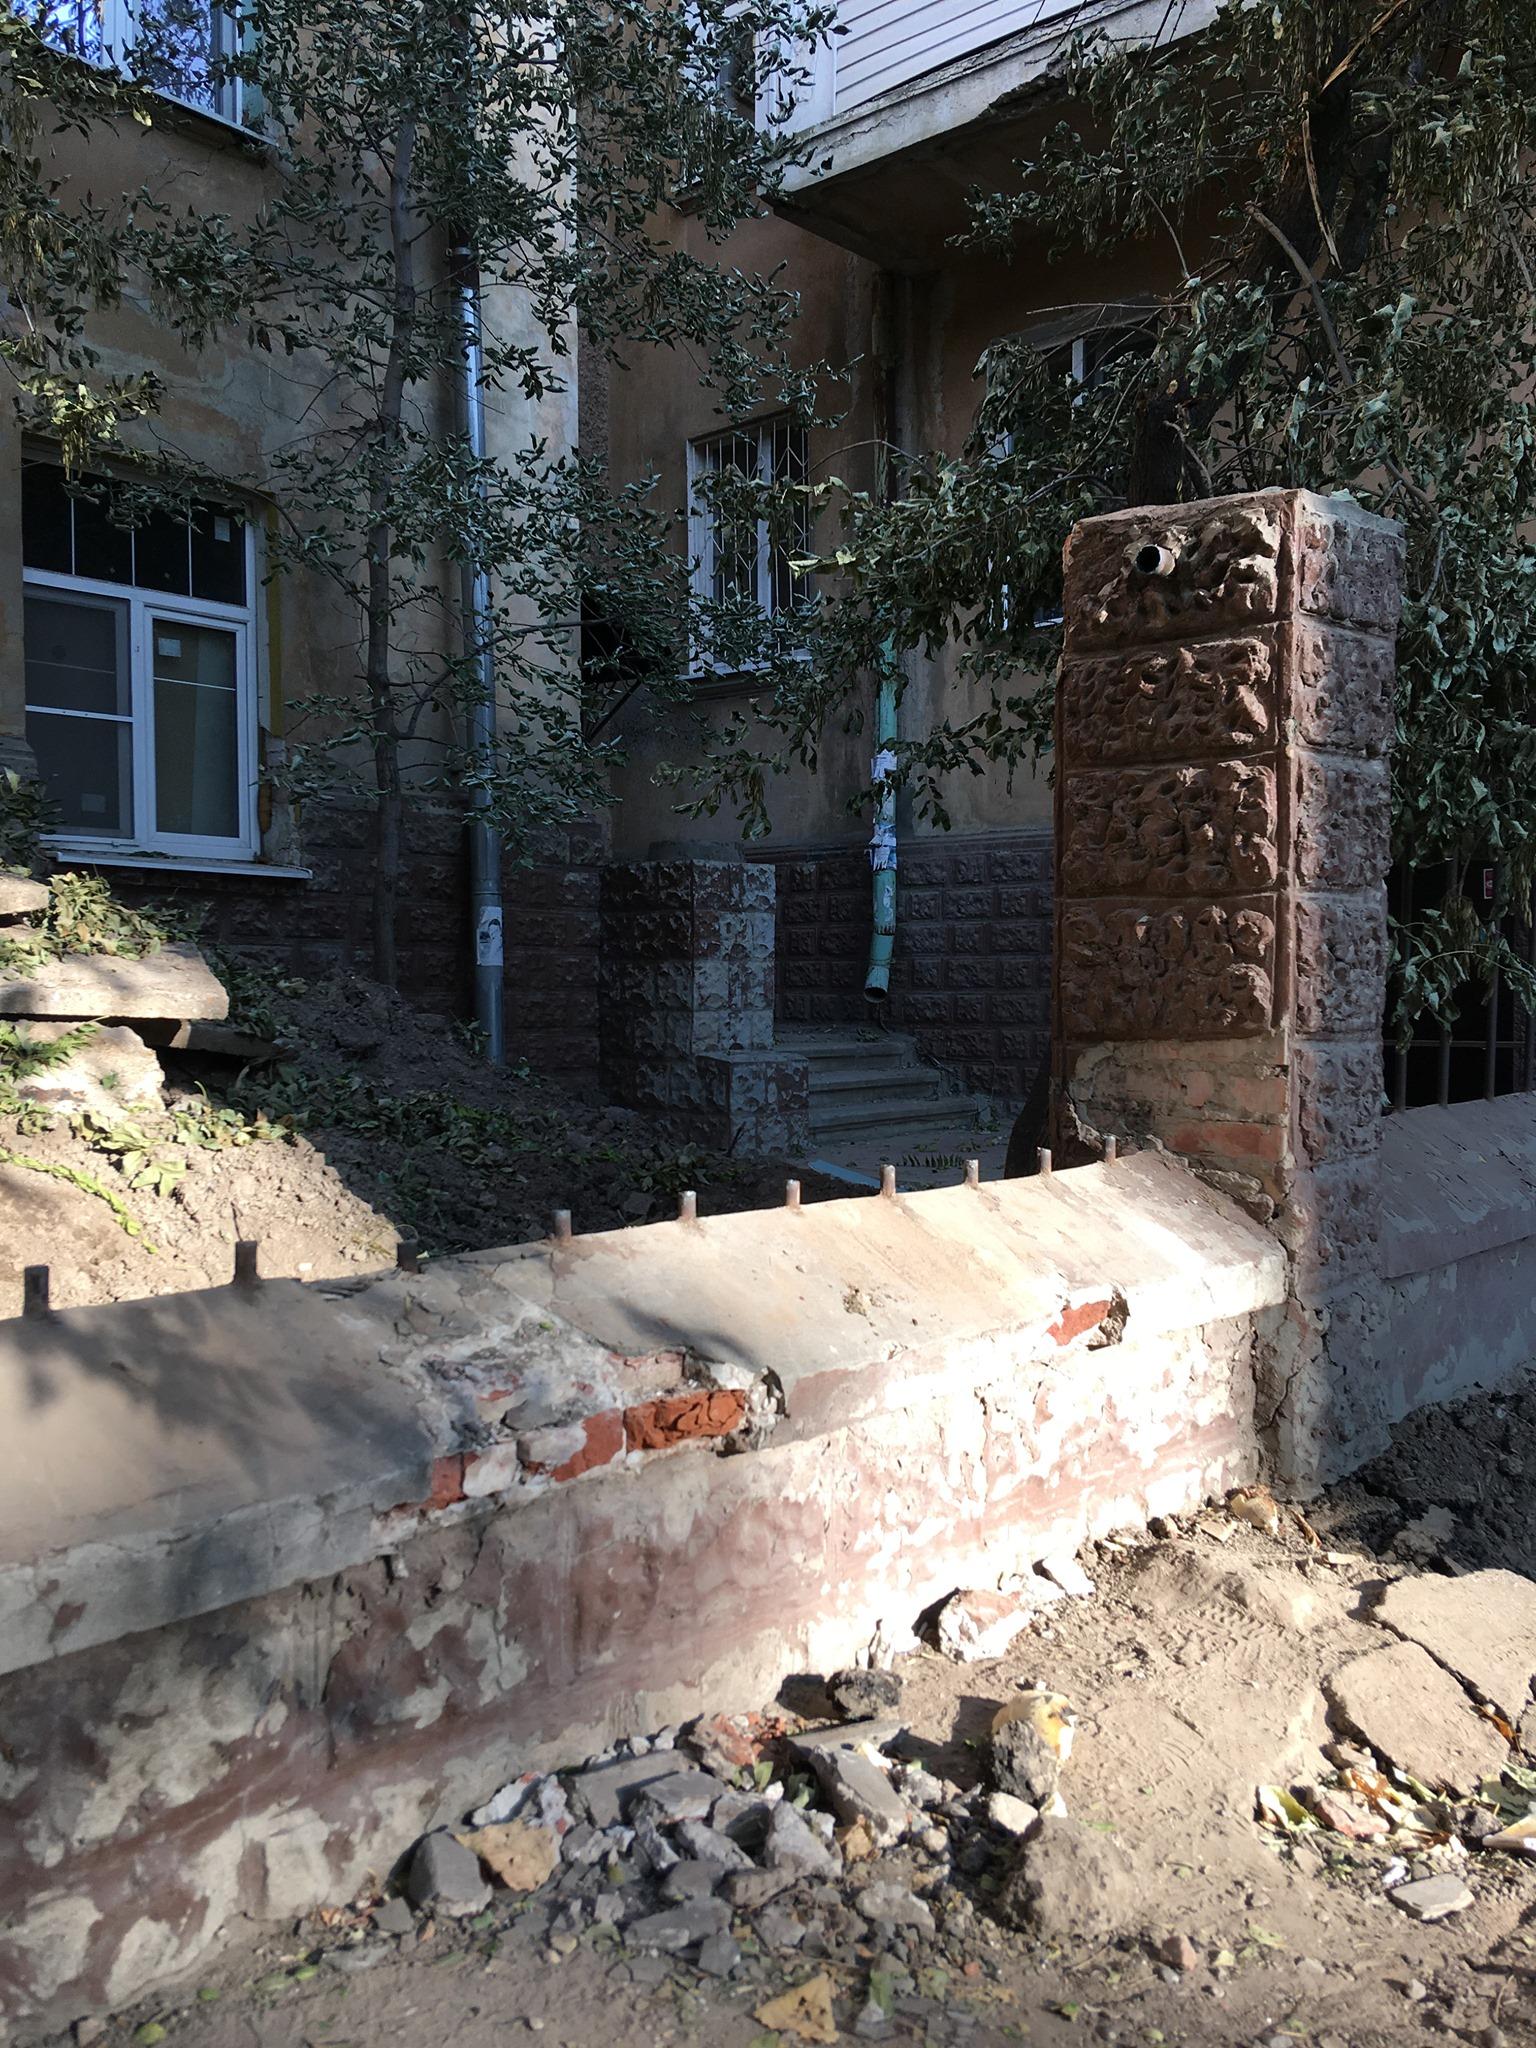 дом 2 Знаменитый «бутылочный» дом в Астрахани с подачи коммунальщиков лишился старинной решетки